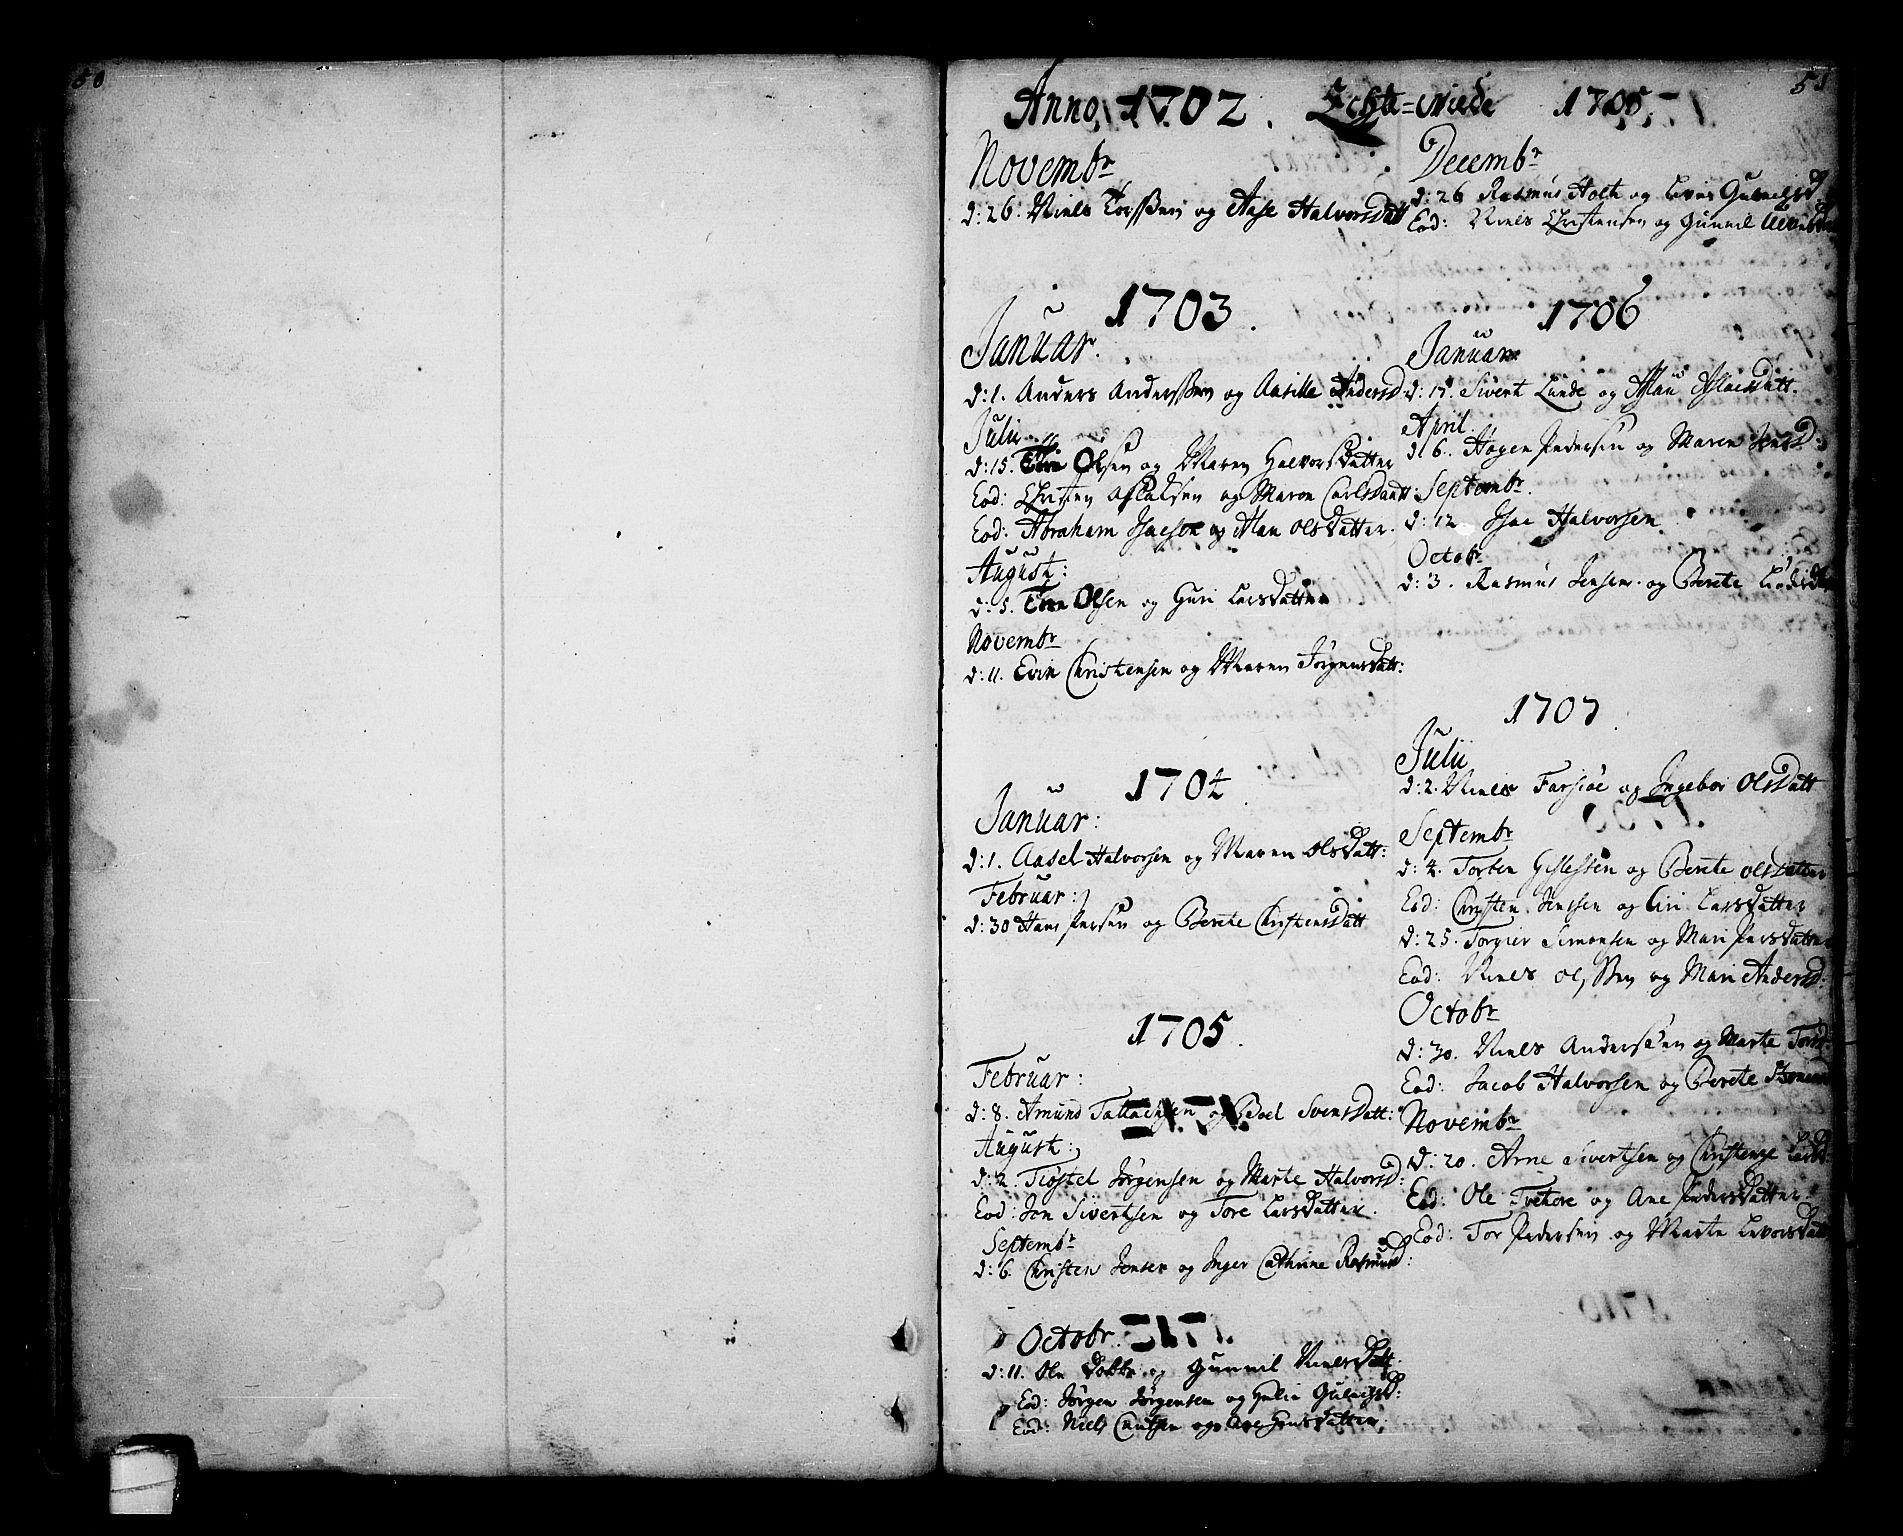 SAKO, Sannidal kirkebøker, F/Fa/L0001: Ministerialbok nr. 1, 1702-1766, s. 50-51